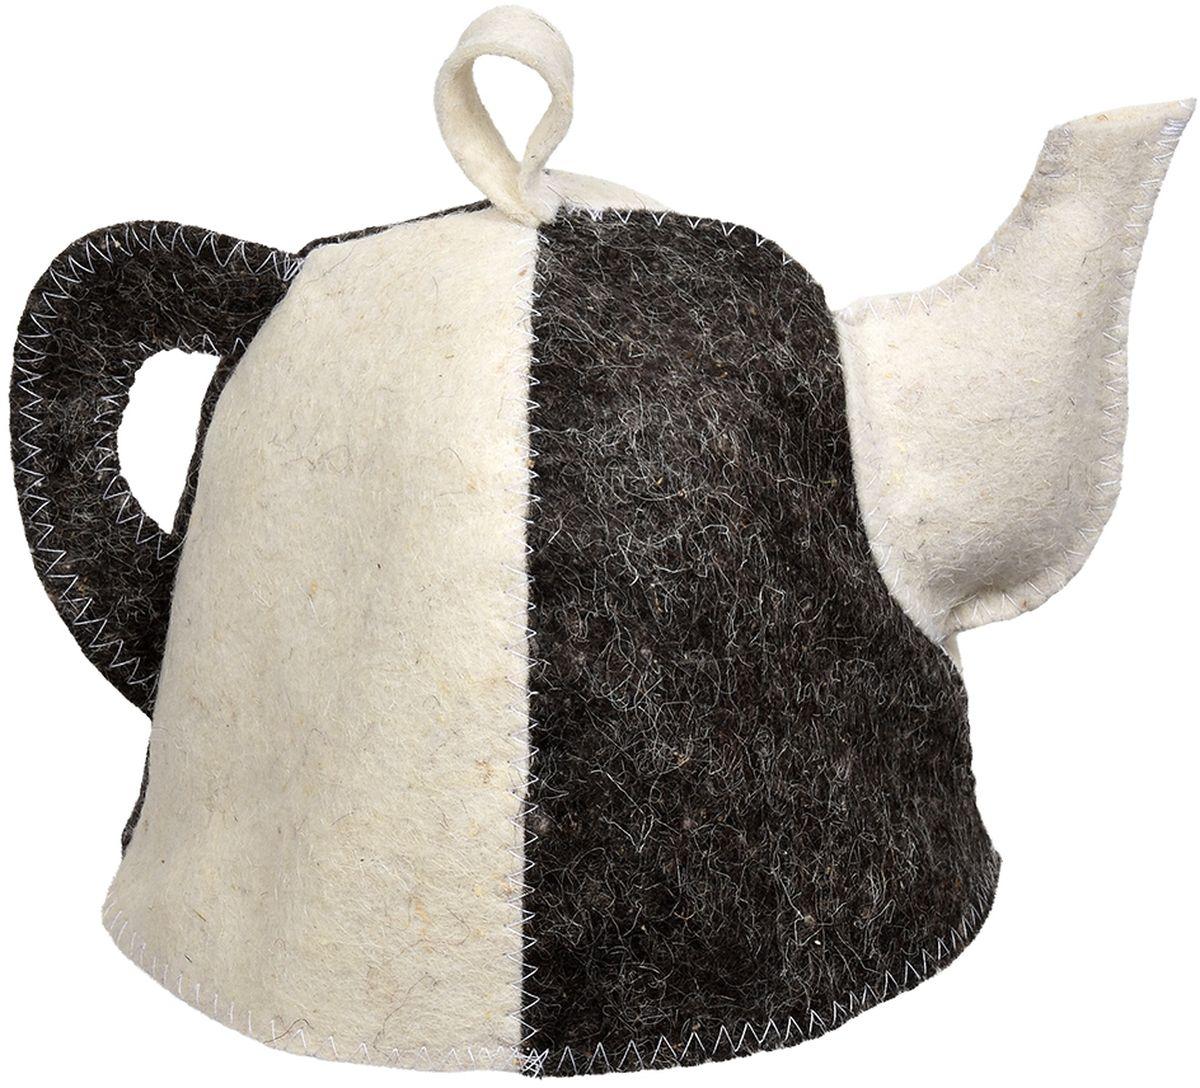 Шапка для бани и сауны Hot Pot Чайник Комби41207Шапка для бани и сауны Hot Pot — это необходимый аксессуар при посещении парной. Такая шапка защитит от головокружения и перегрева головы, а также предотвратит ломкость и сухость волос. Изделие замечательно впитывает влагу, хорошо сидит на голове, обеспечивает комфорт и удовольствие от отдыха в парилке. Незаменима в традиционной русской бане, также используется в финских саунах, где температура сухого воздуха может достигать 100°С. Шапка выполнена в оригинальном дизайне и дополнена петлей для подвешивания на крючок.